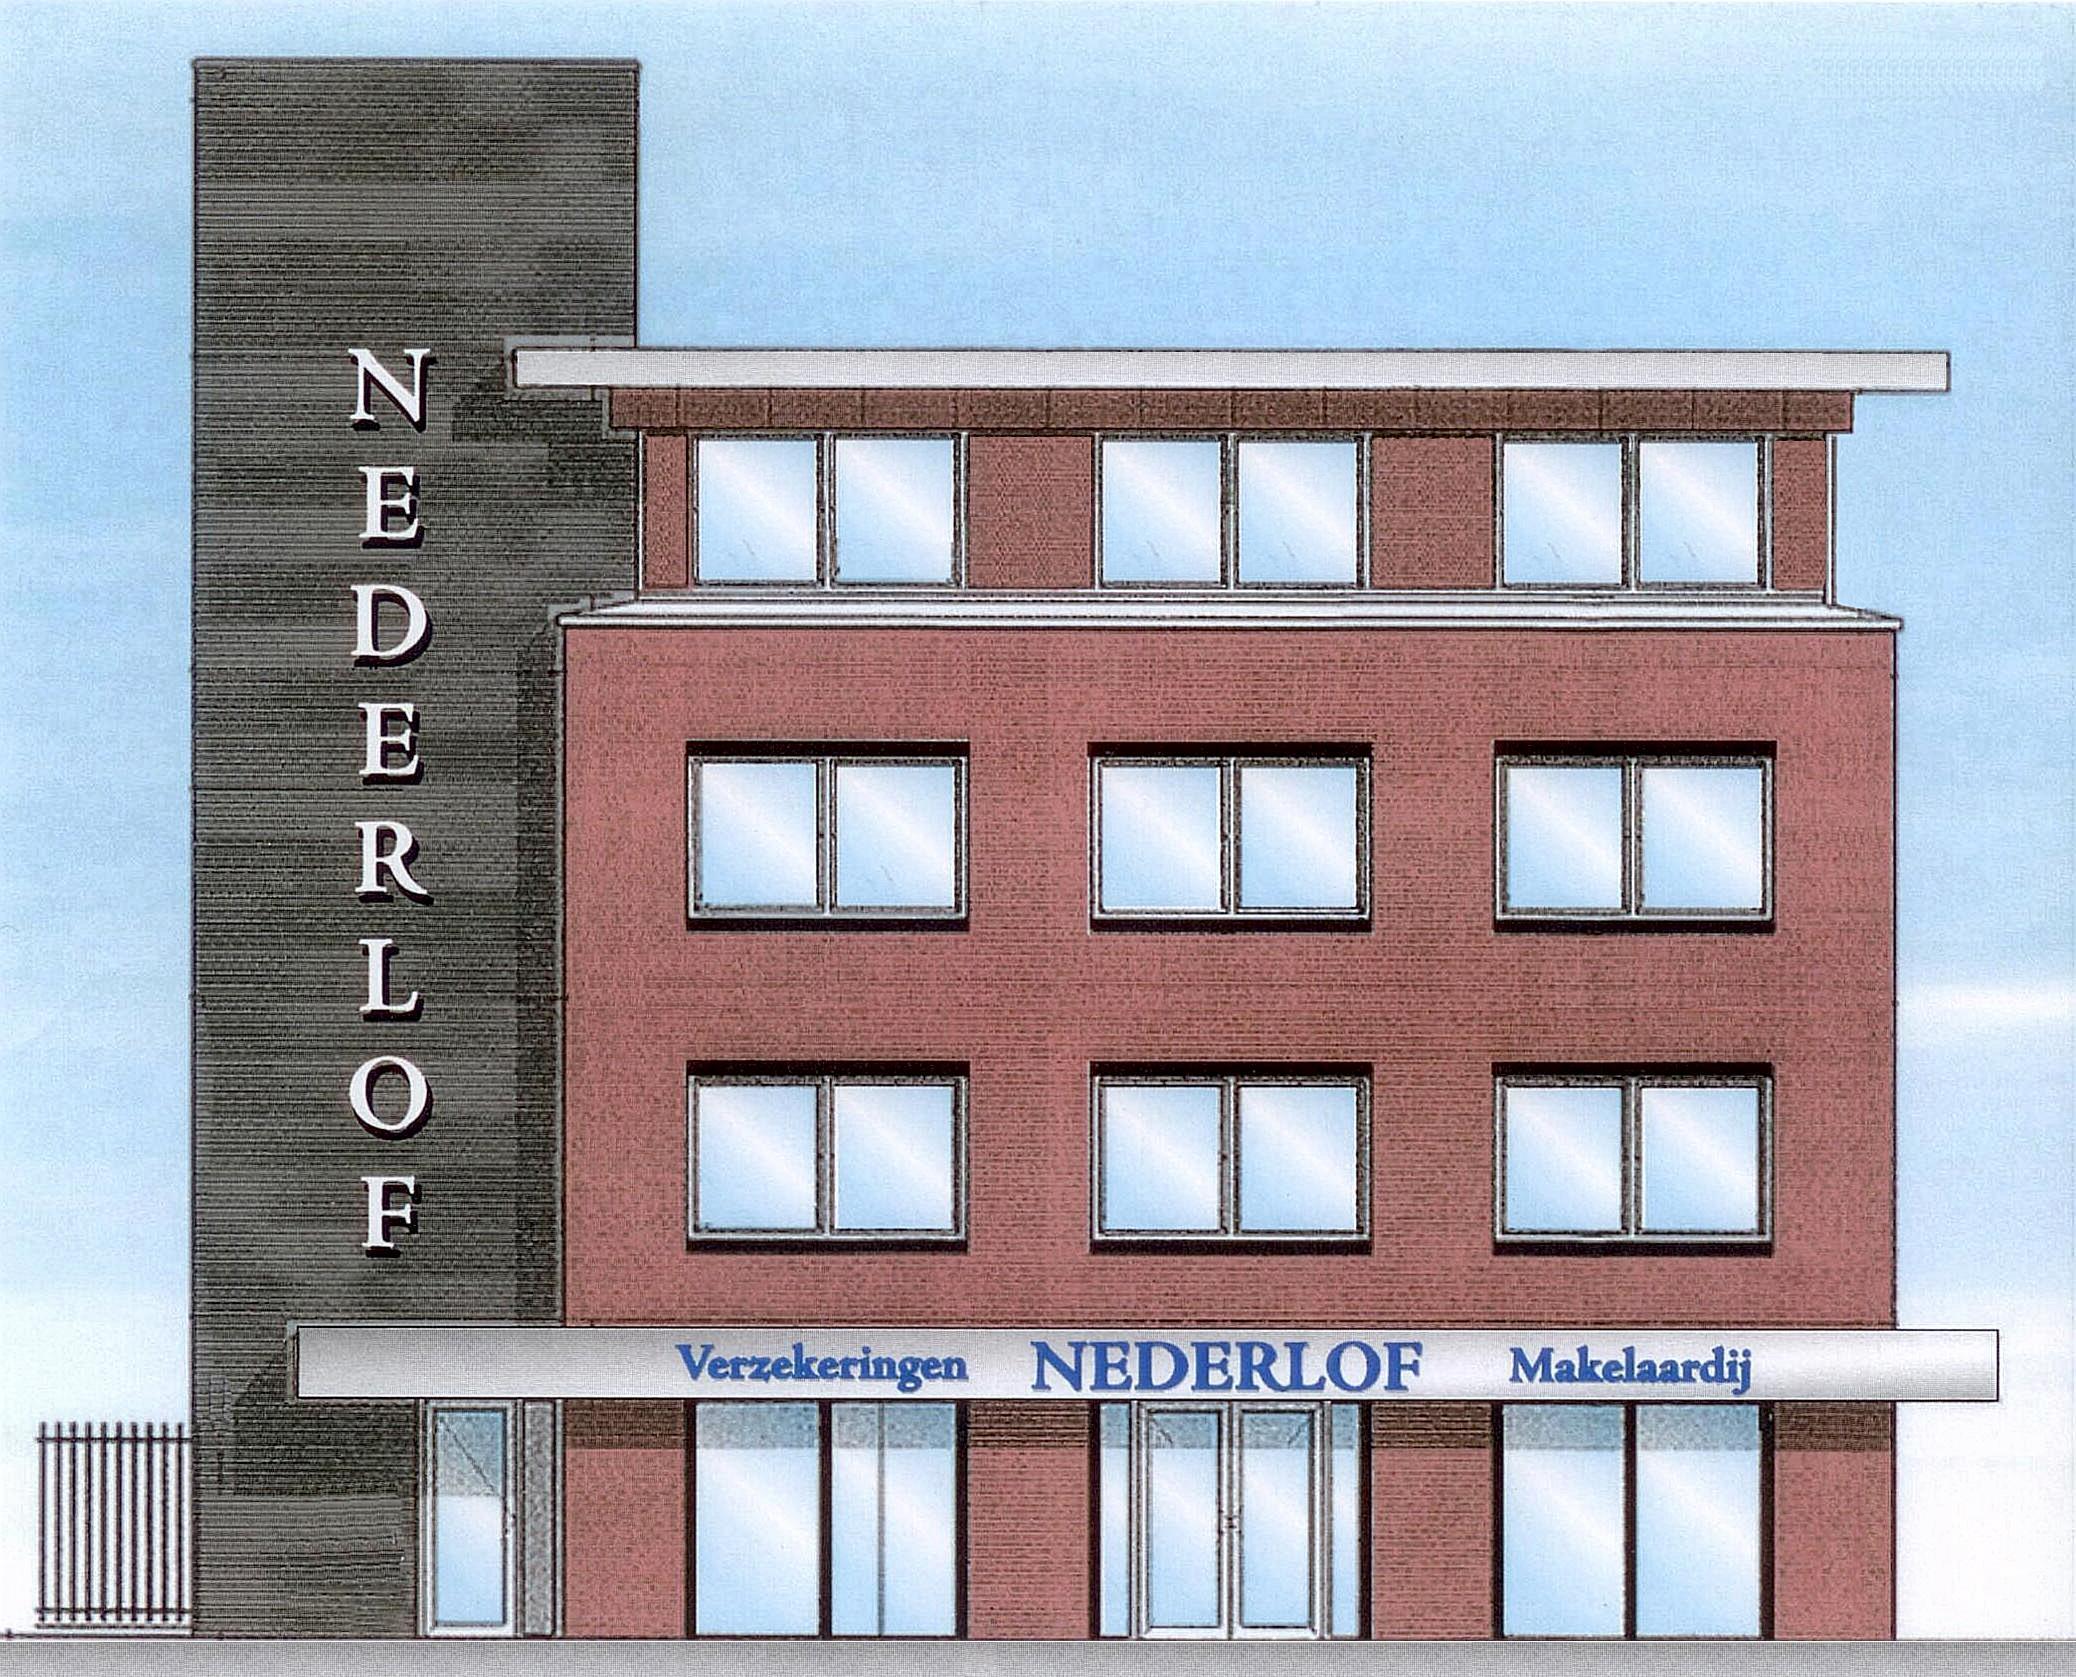 Kantoor Vestiging Nederlof Makelaardij B.V.